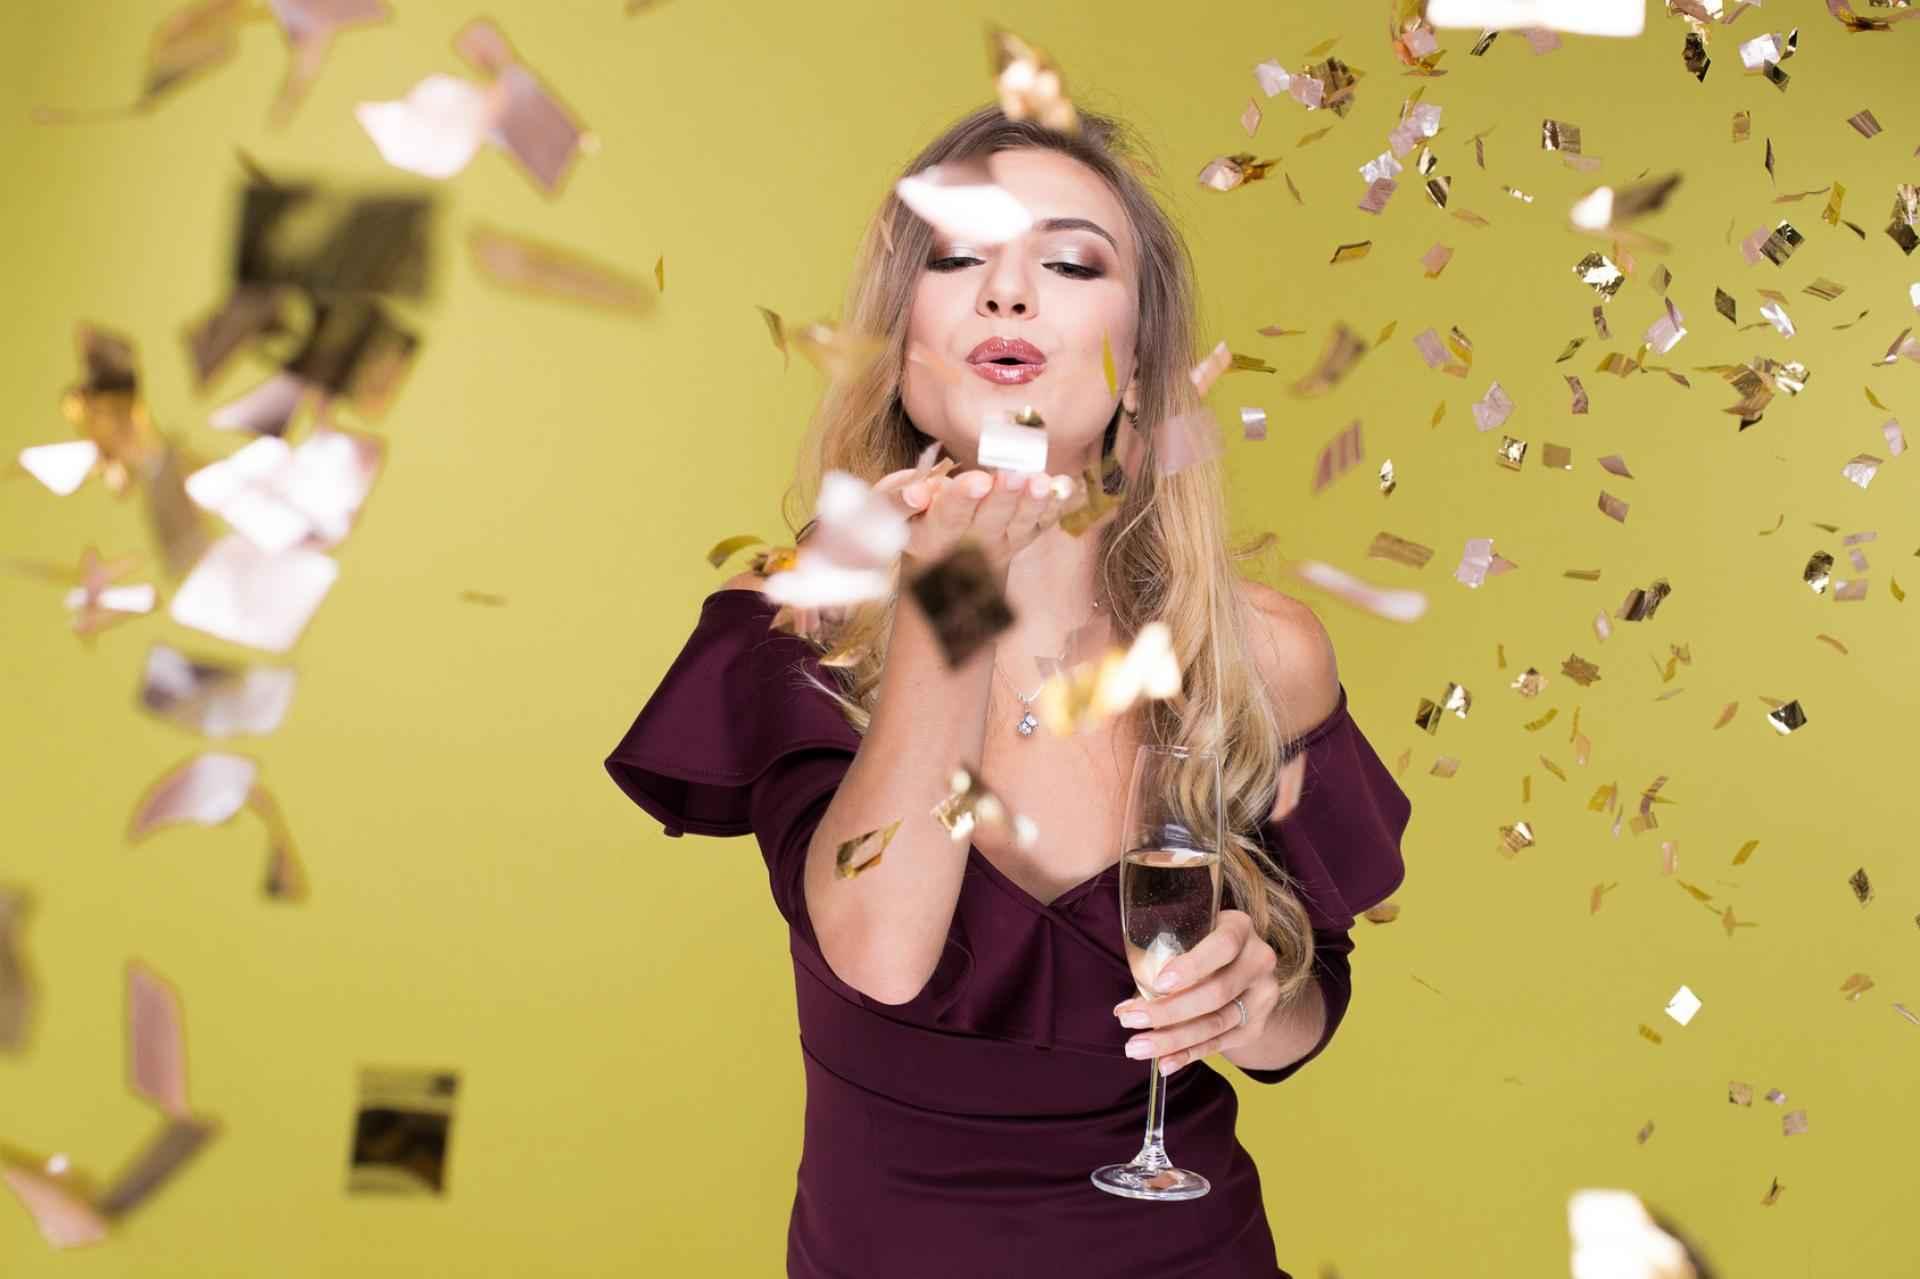 Résolutions du Nouvel An d'un sexologue SDC.com